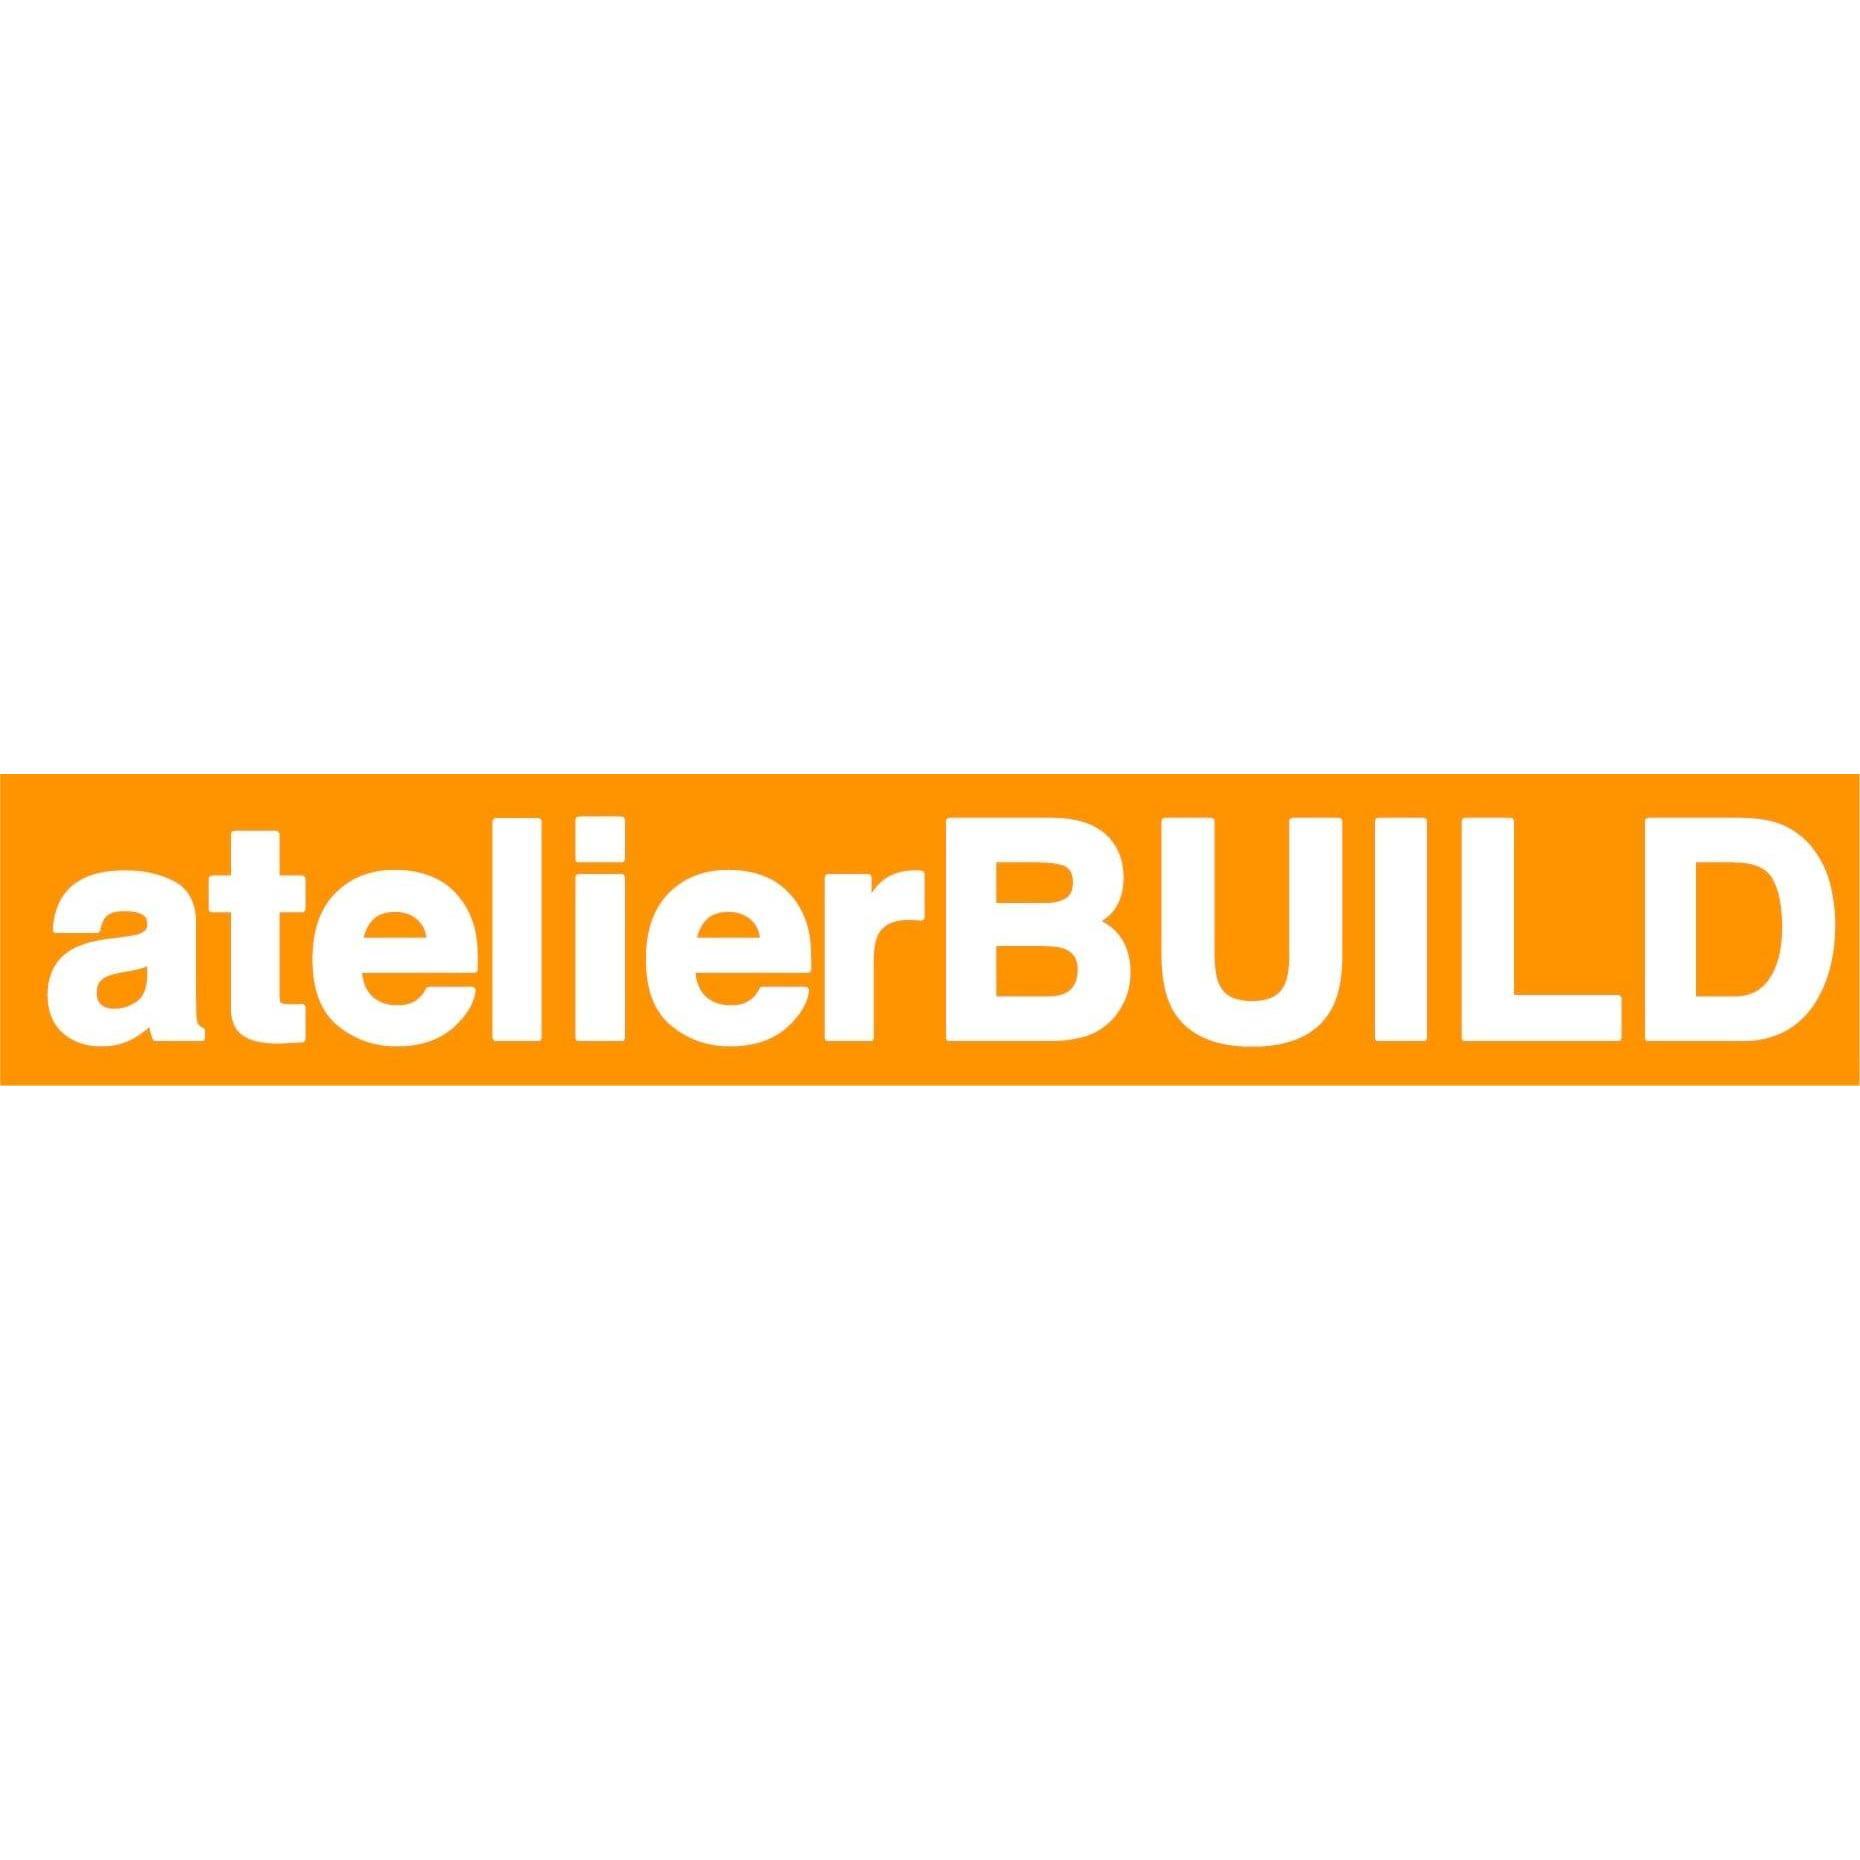 atelierBuild